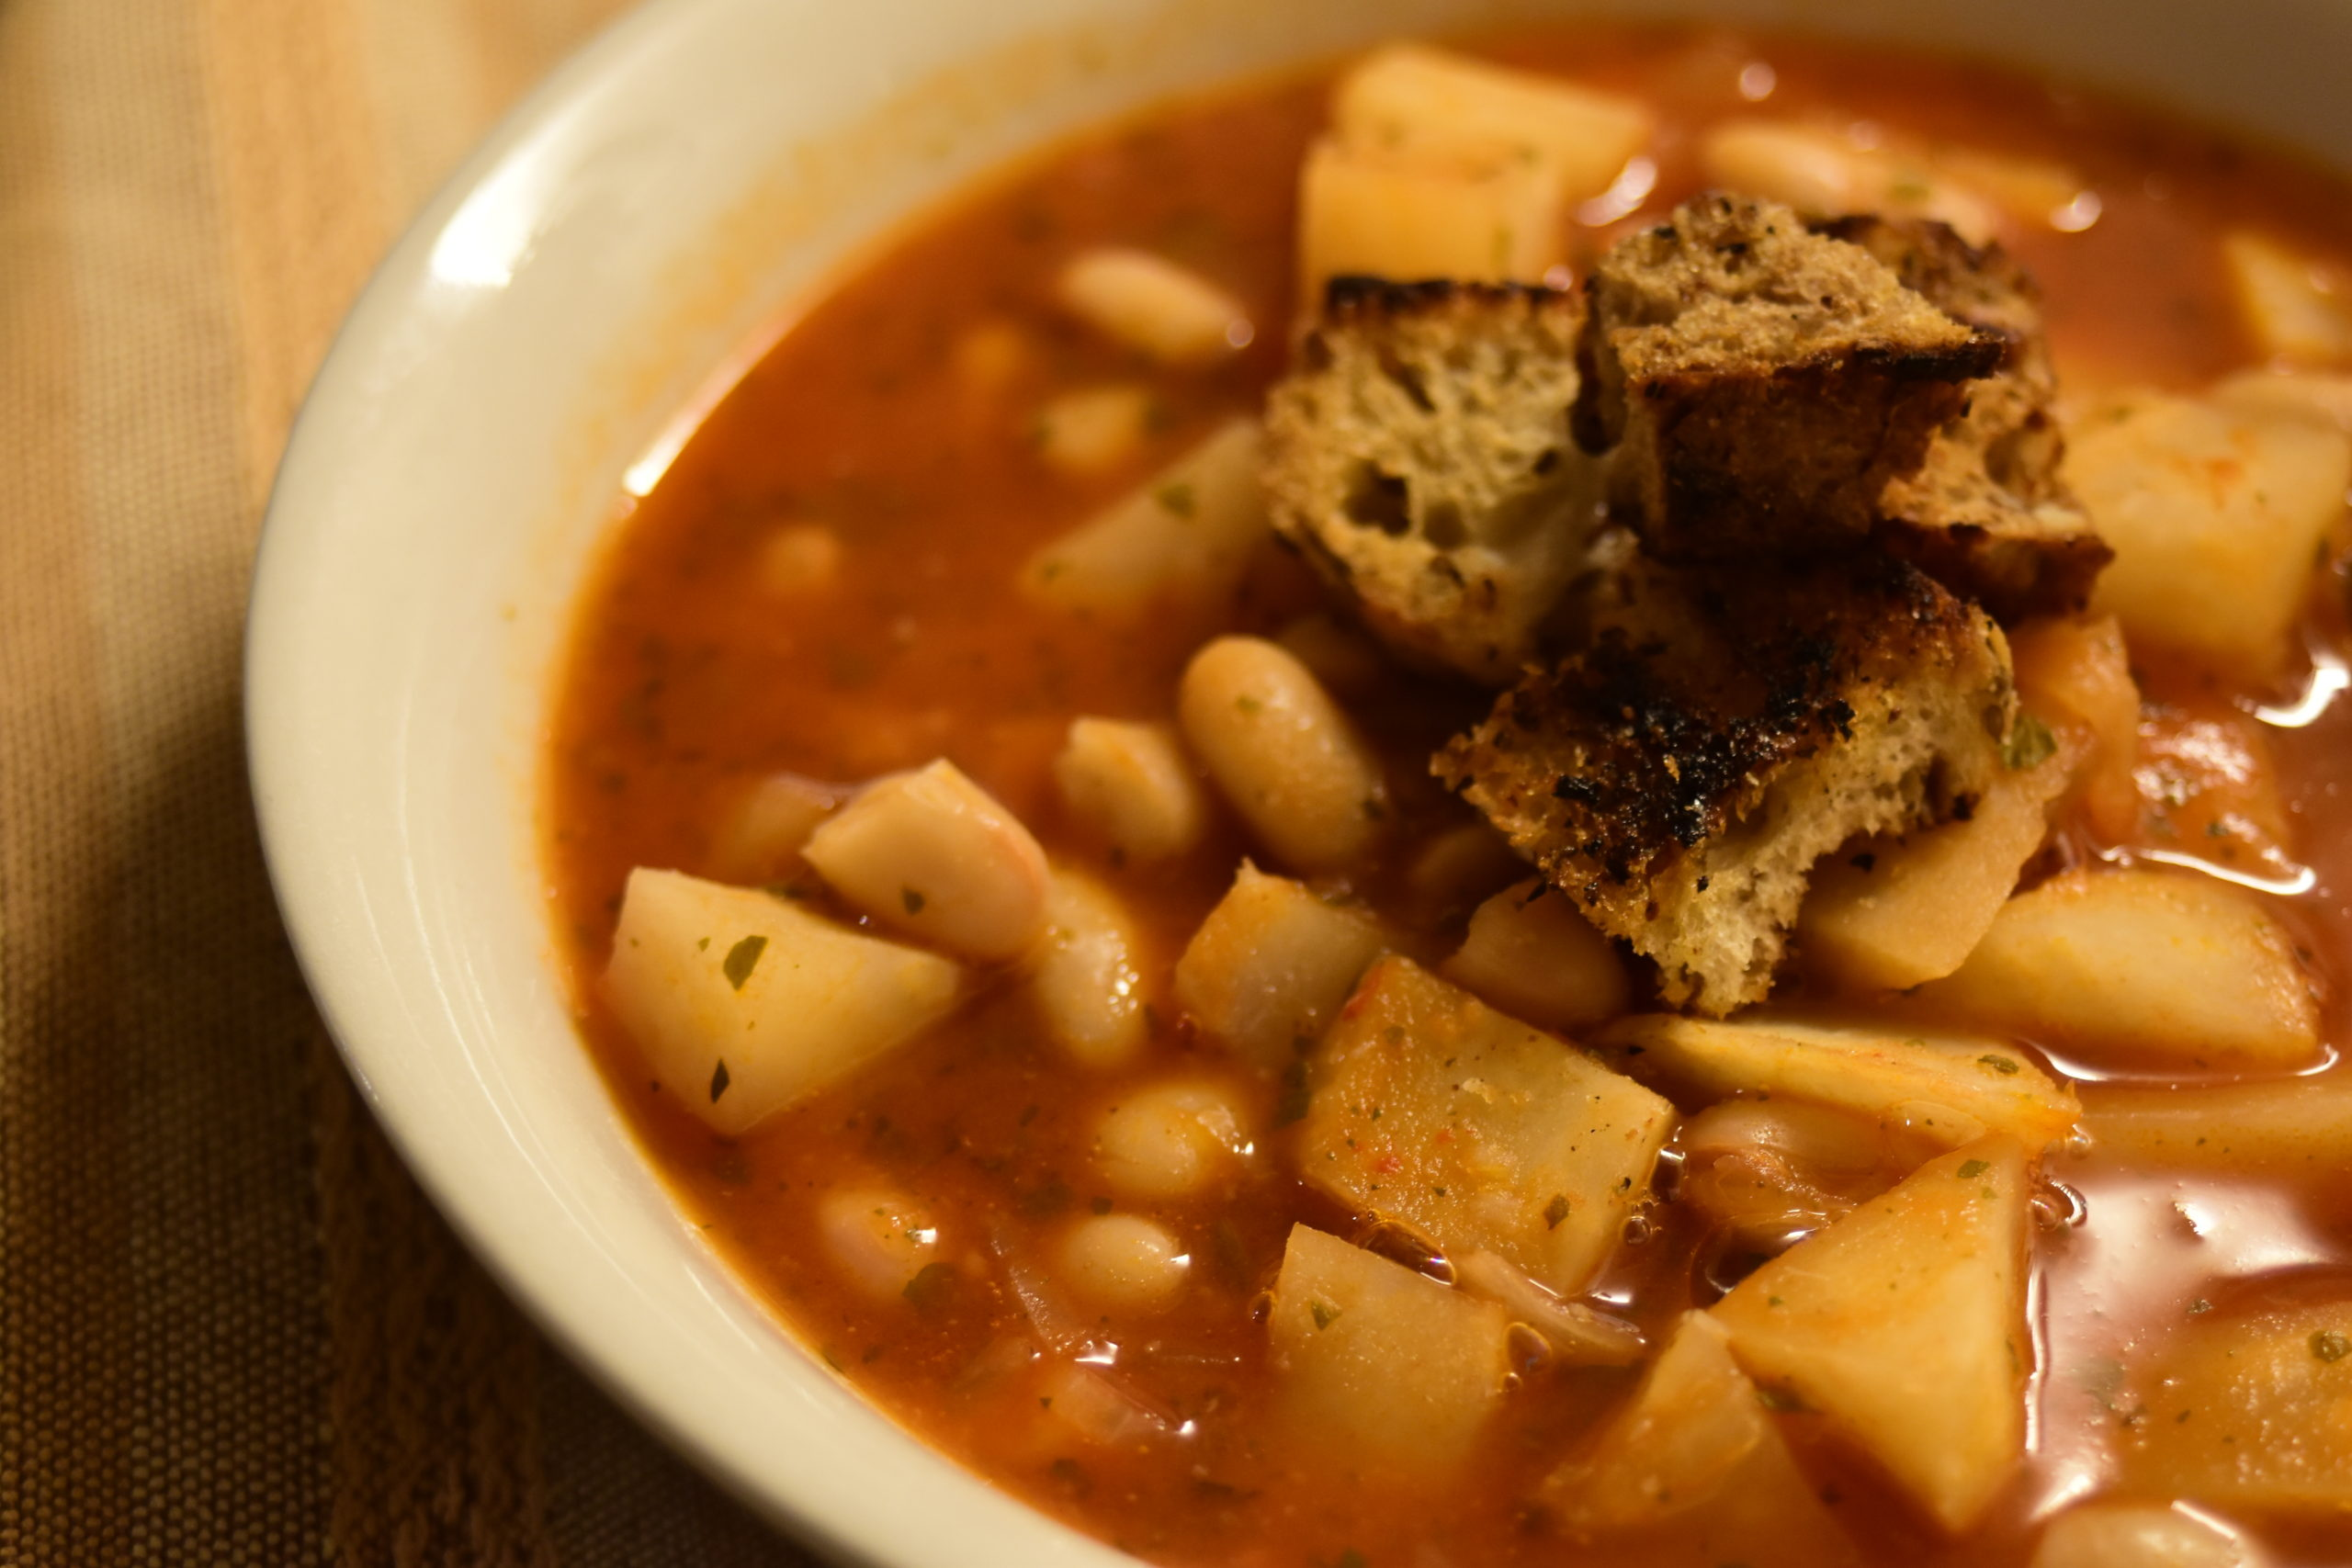 Celeriac and beans soup